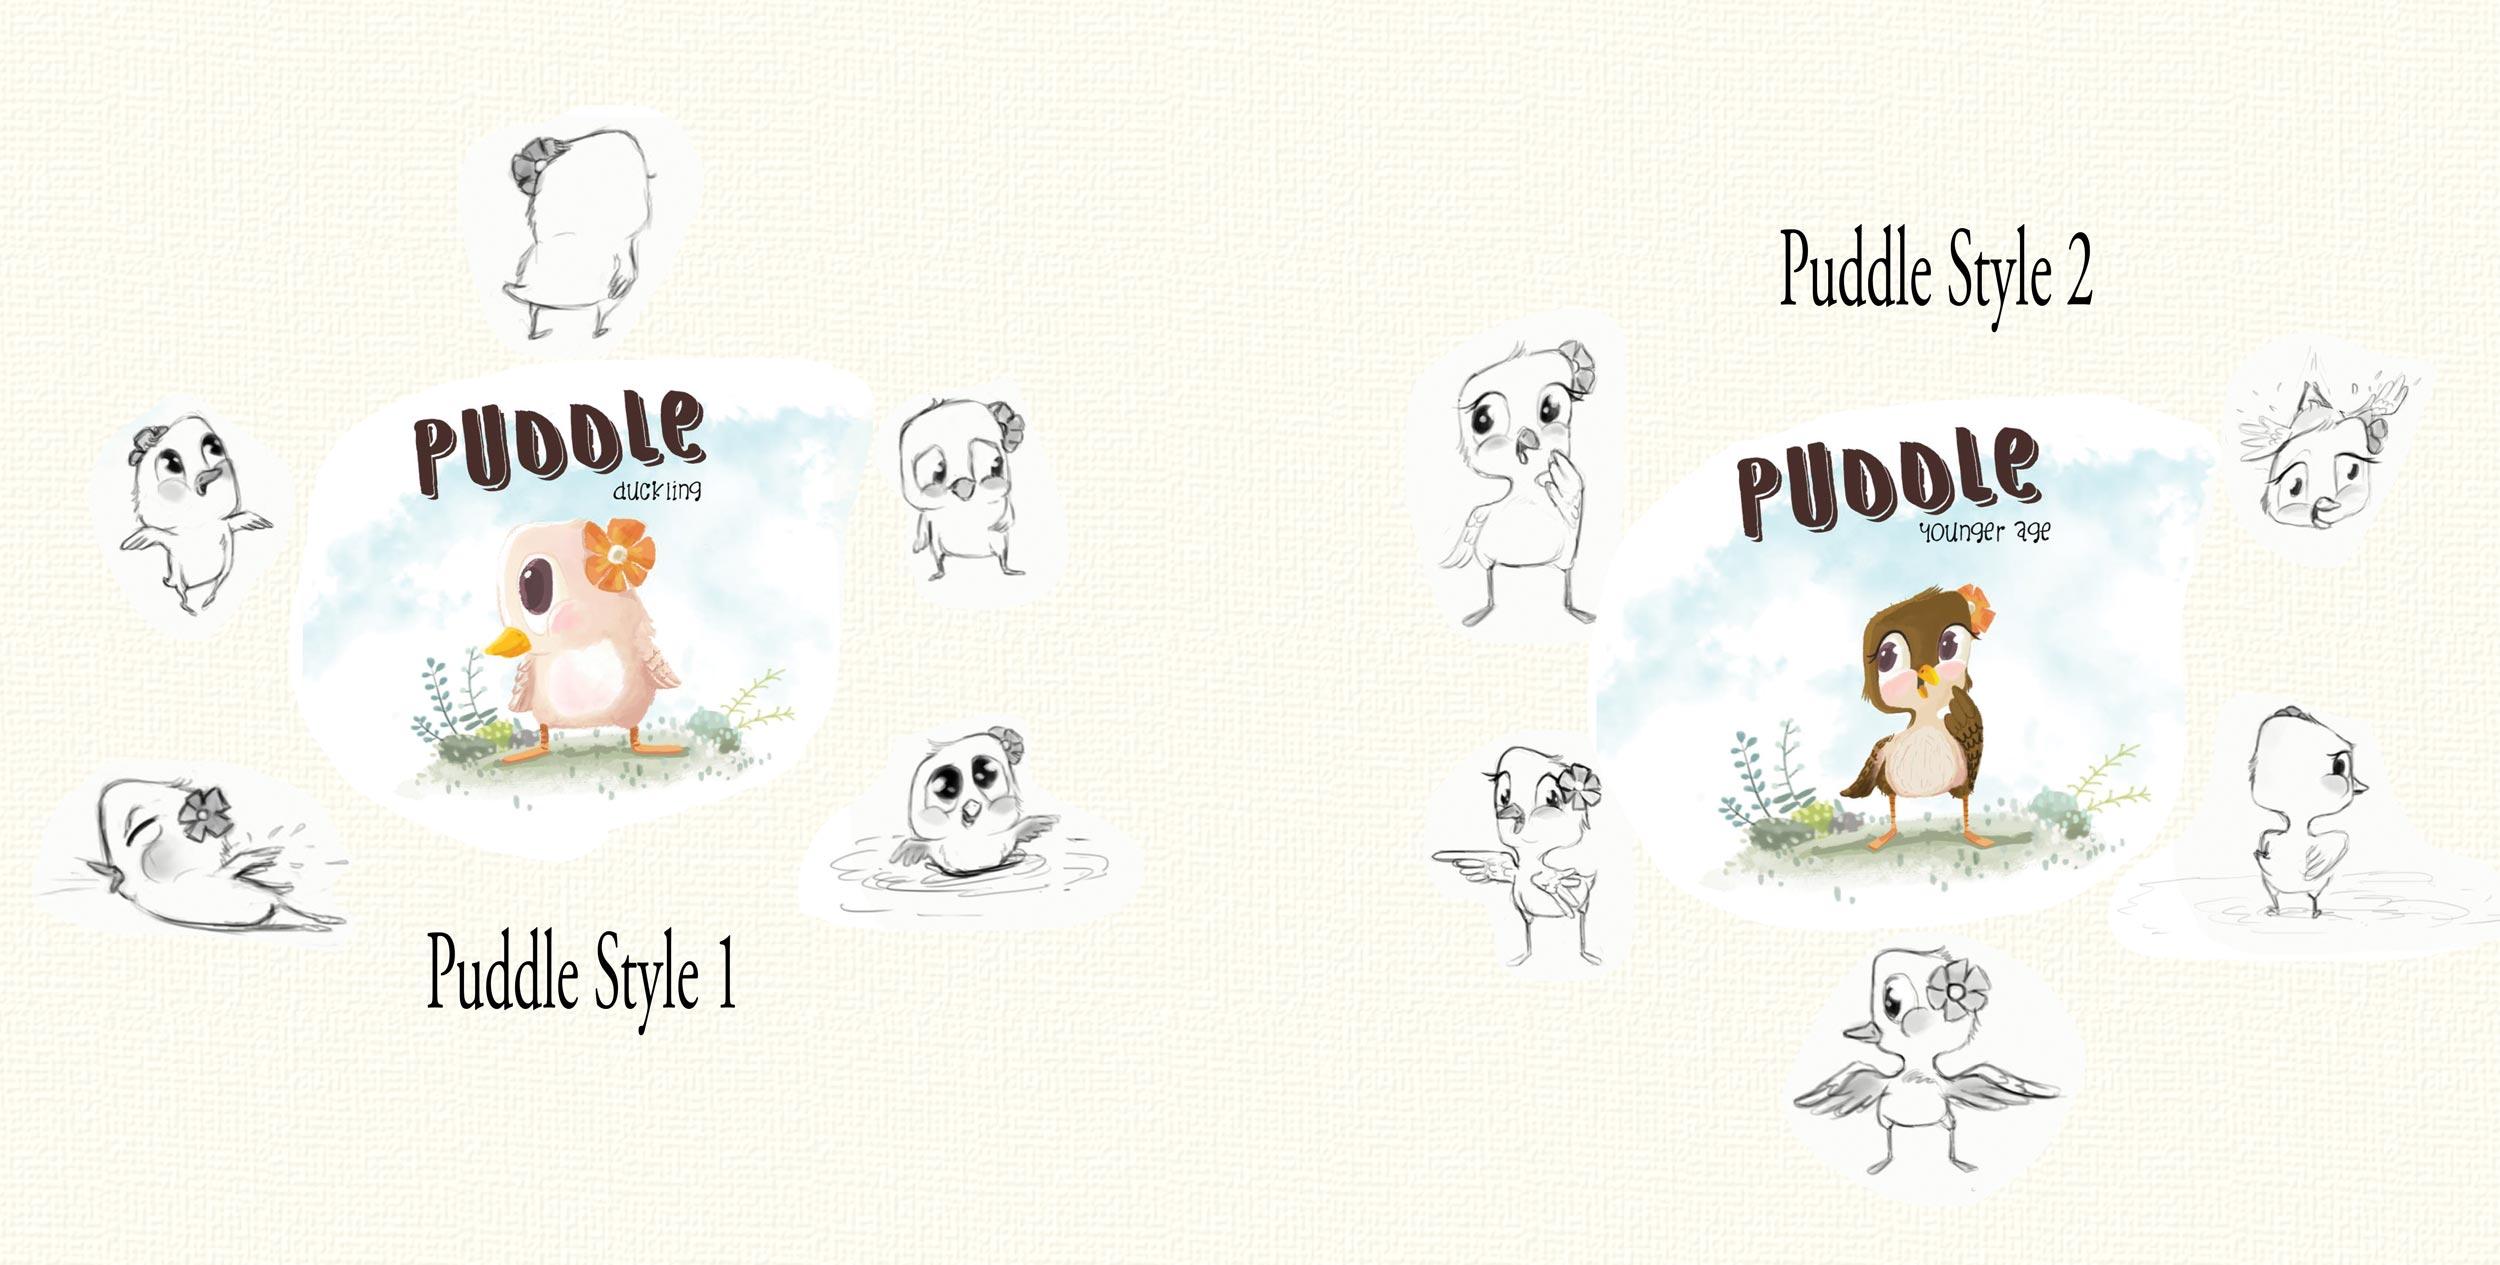 Puddle-Concept-Art-Appendix-9-10.jpg